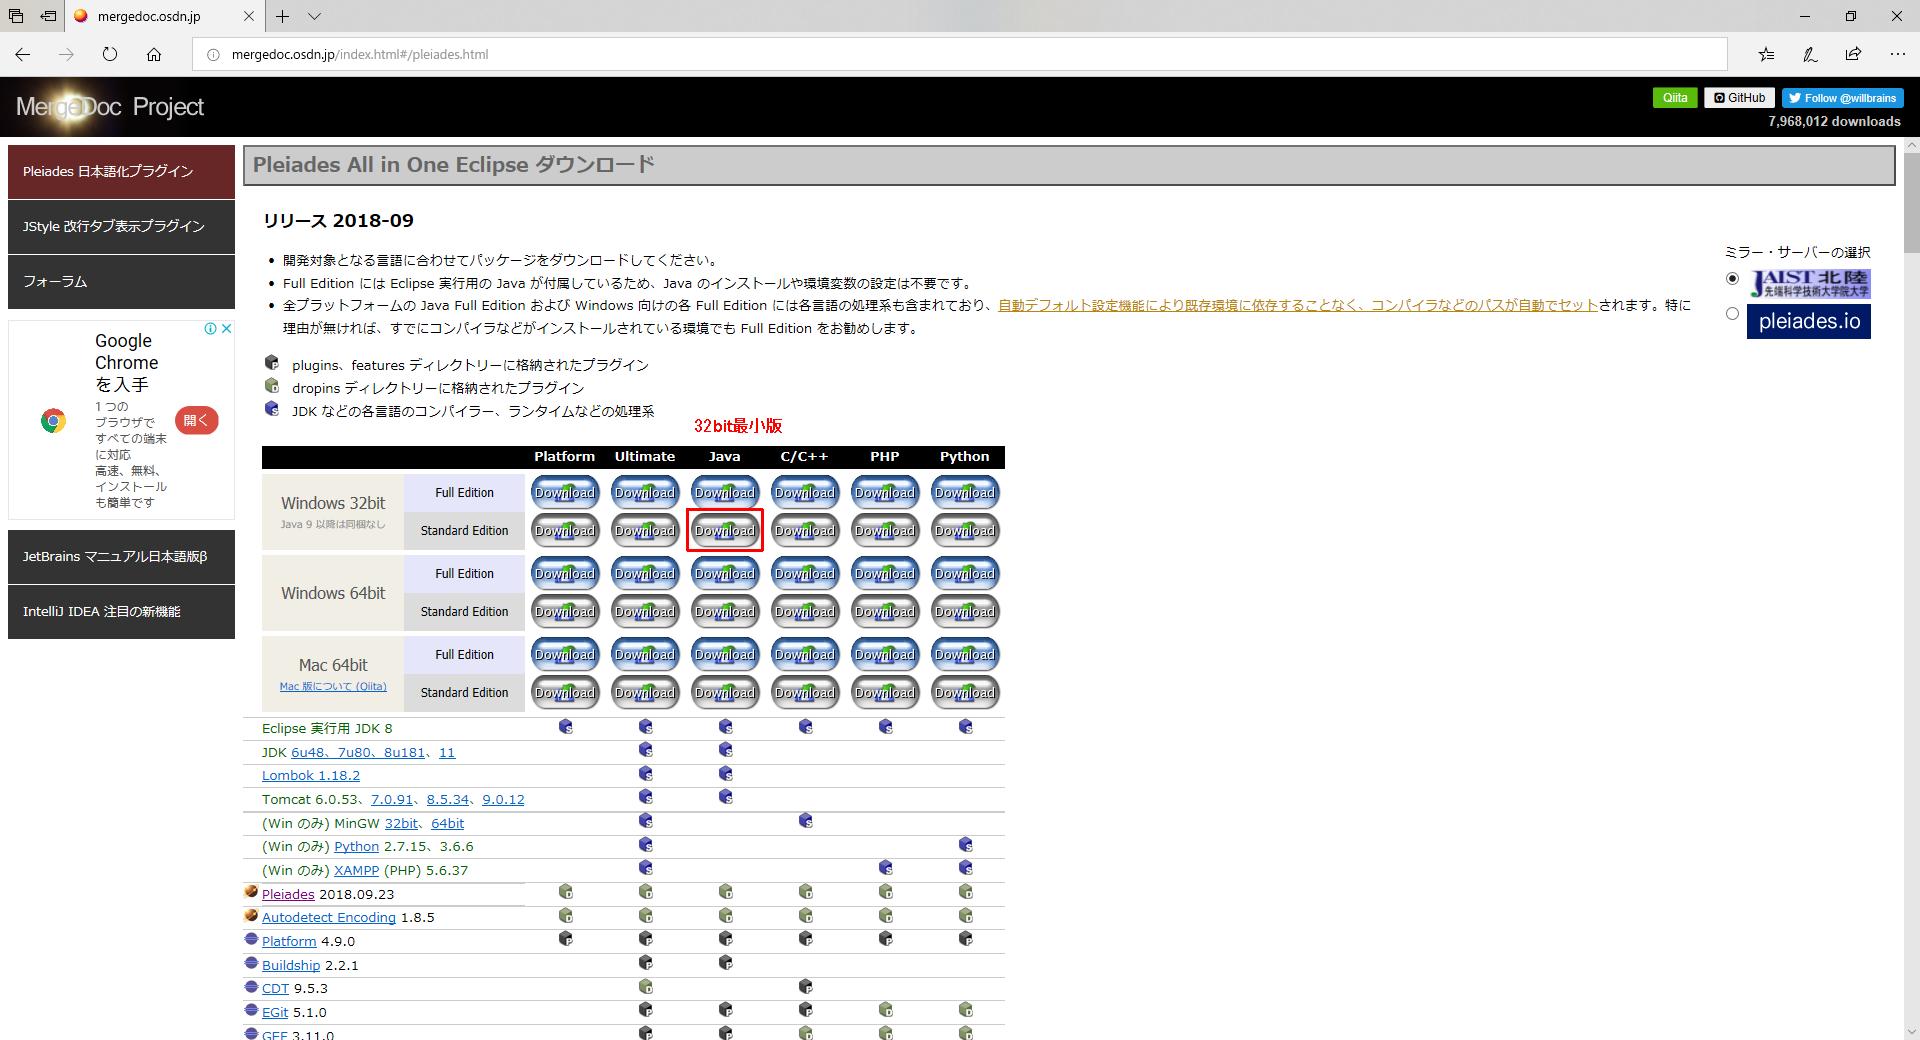 Download java 8u181 | Java 8 Update 181 Offline Installers